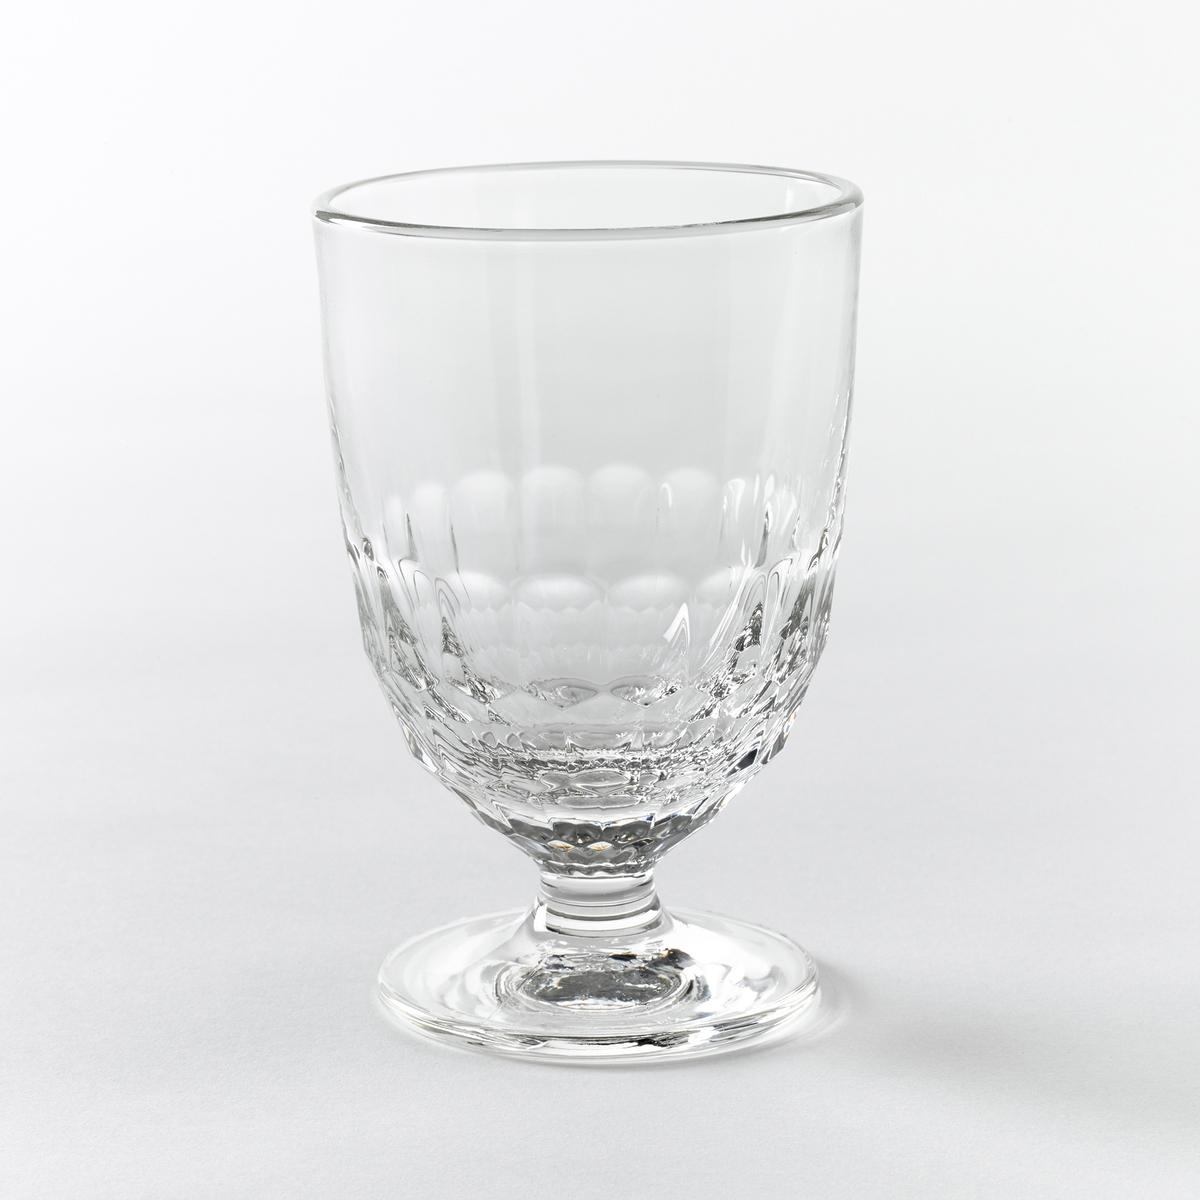 Комплект стаканов для воды с декором в виде сот Artois (6 шт)